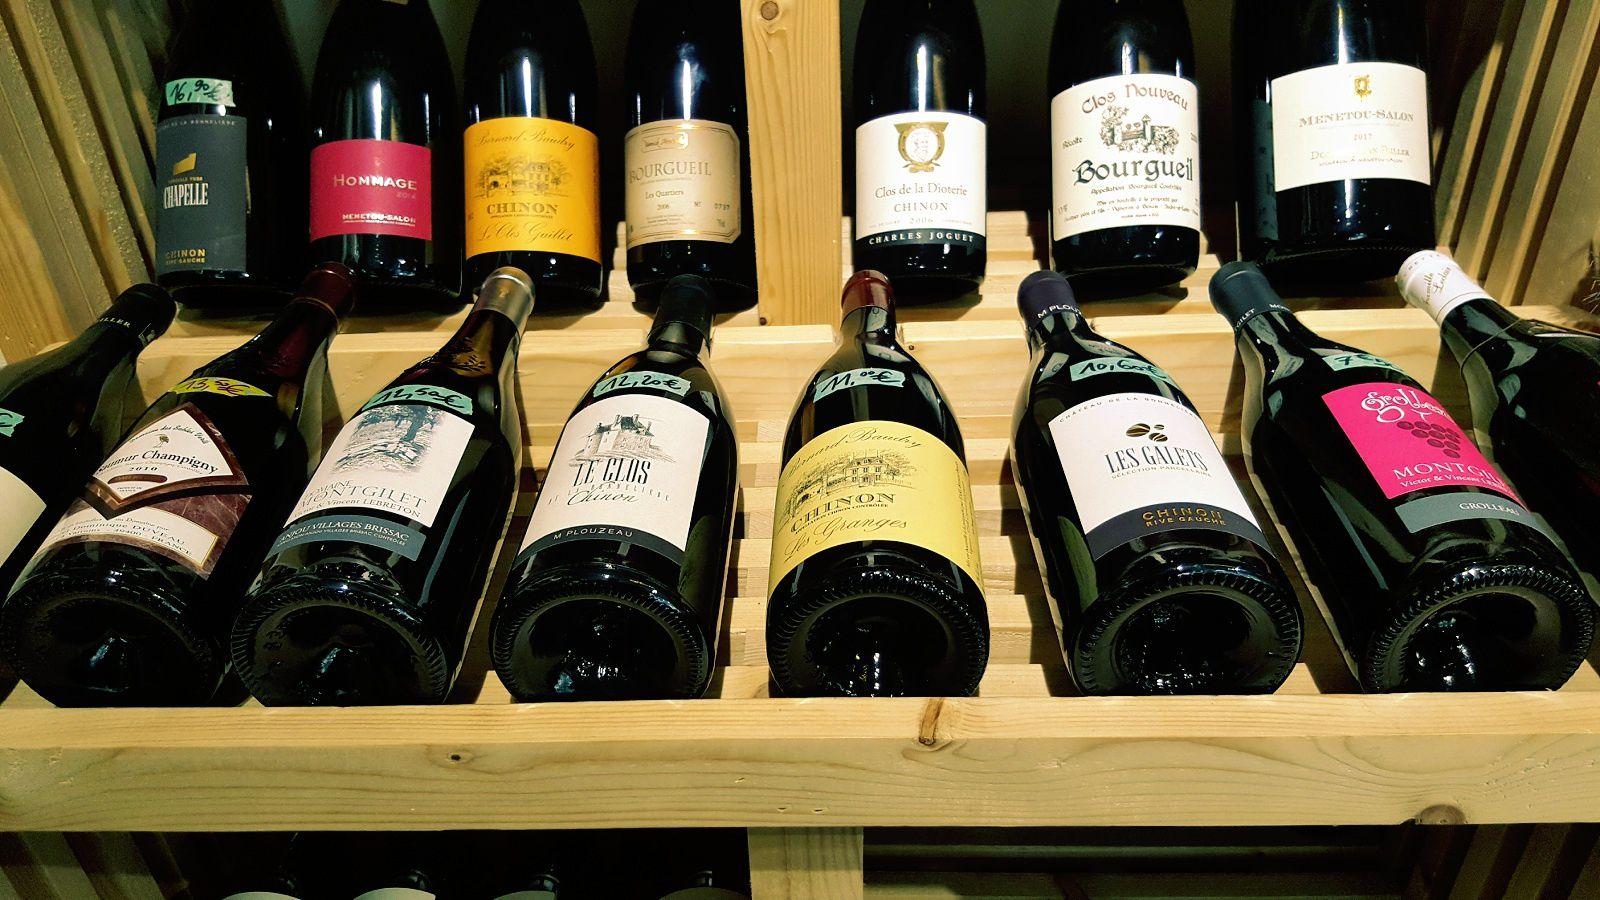 On y trouve également des vins issus d'appellations ligériennes, de vignerons pointus.